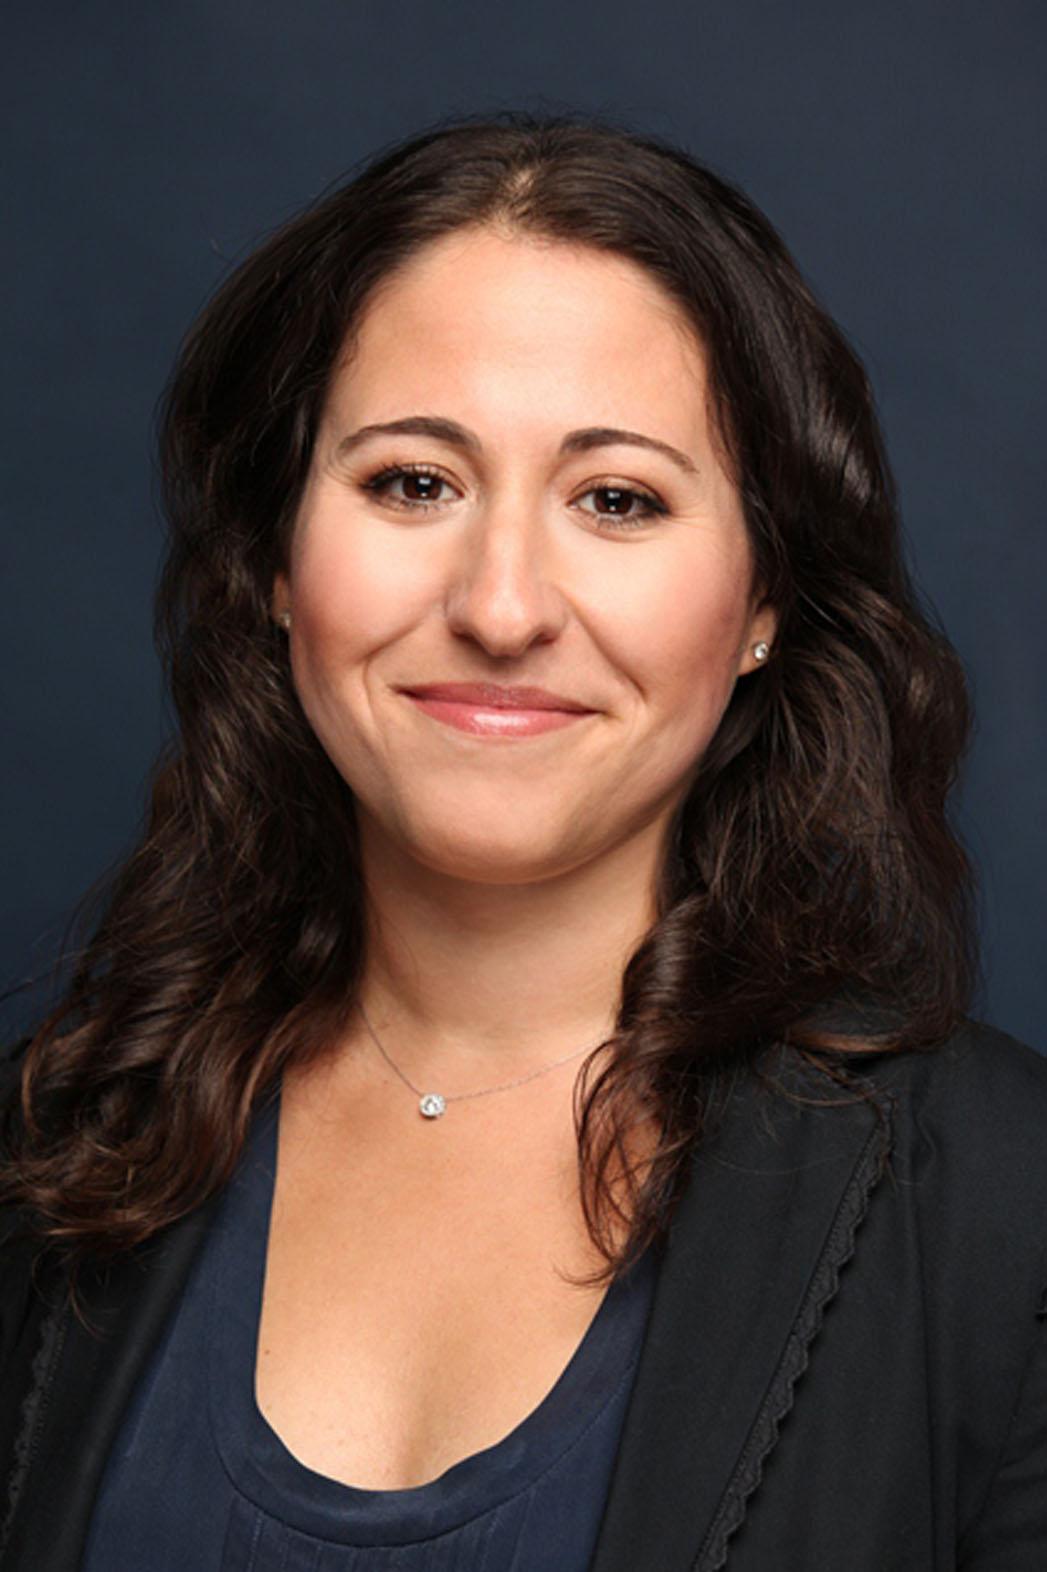 Jeni Mulein Headshot - P 2013